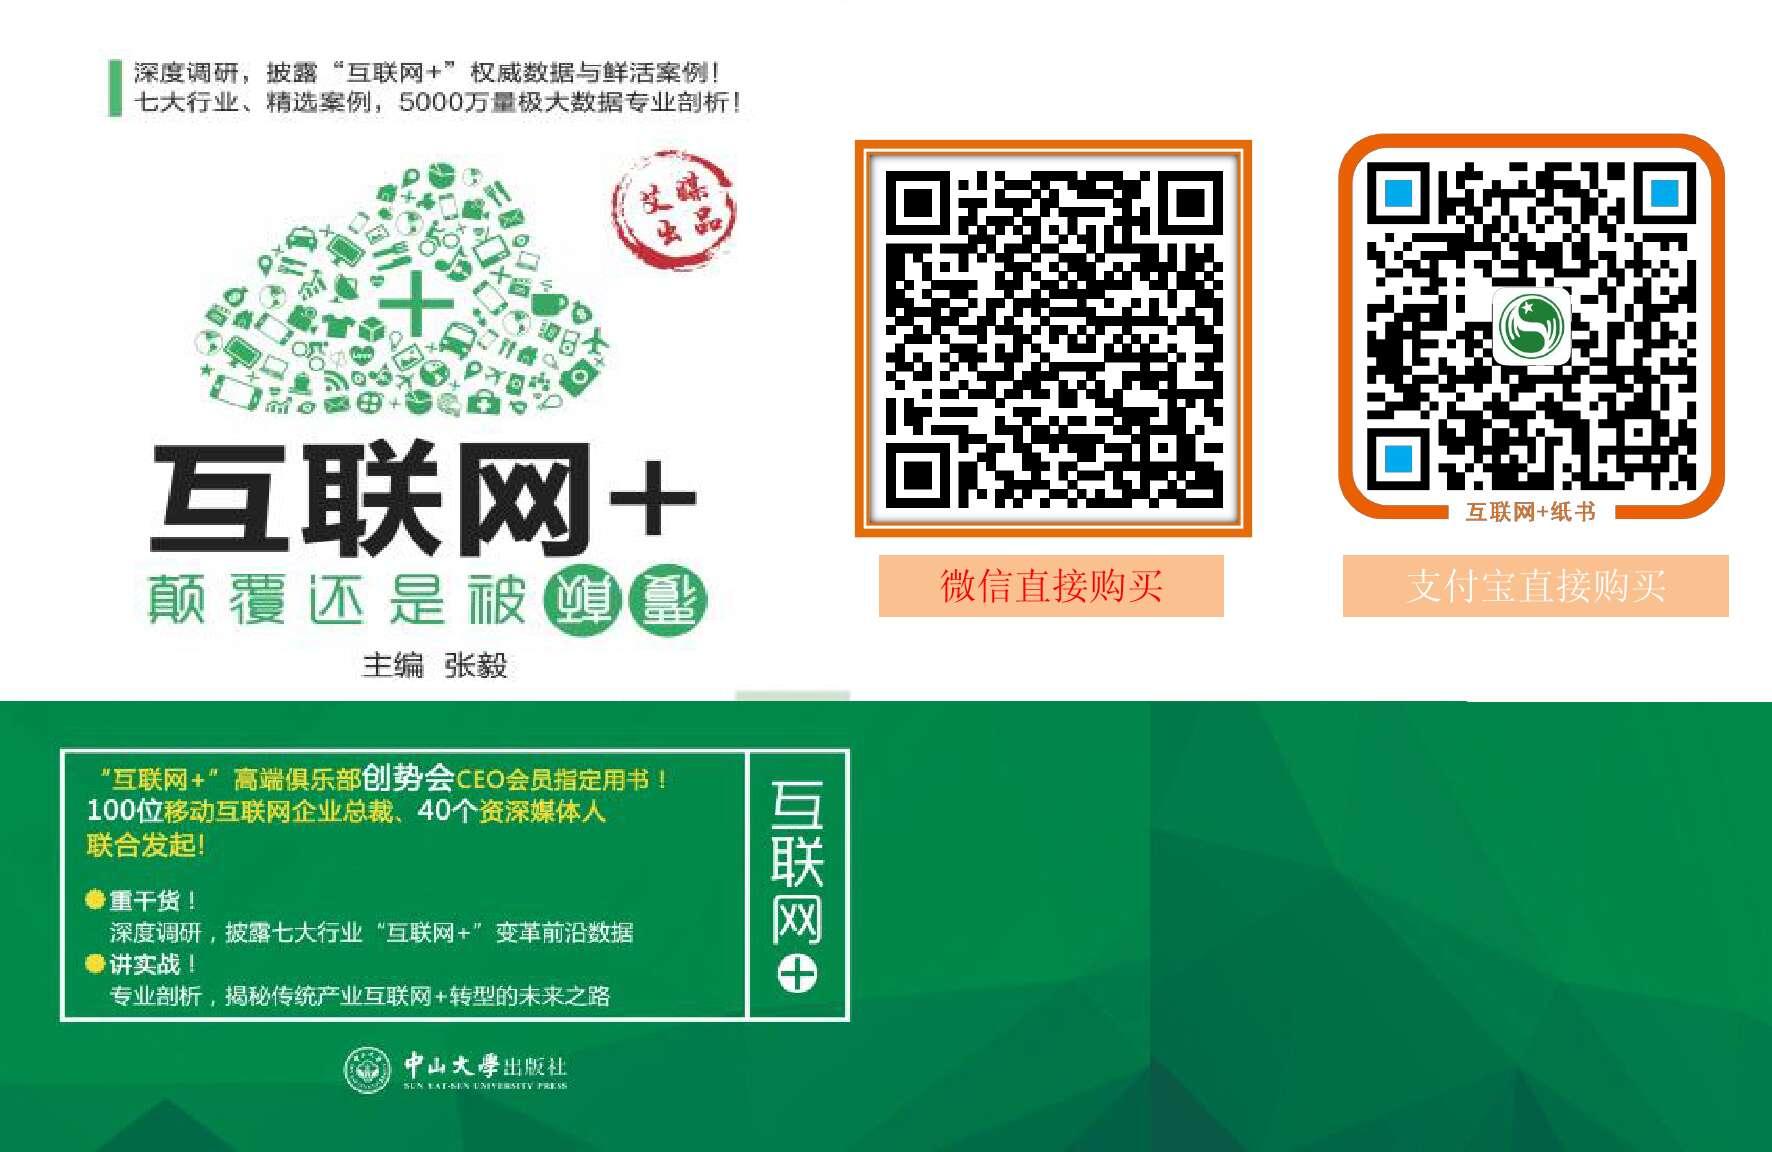 艾媒咨询:2015-2016年中国手机浏览器市场研究报告_000032